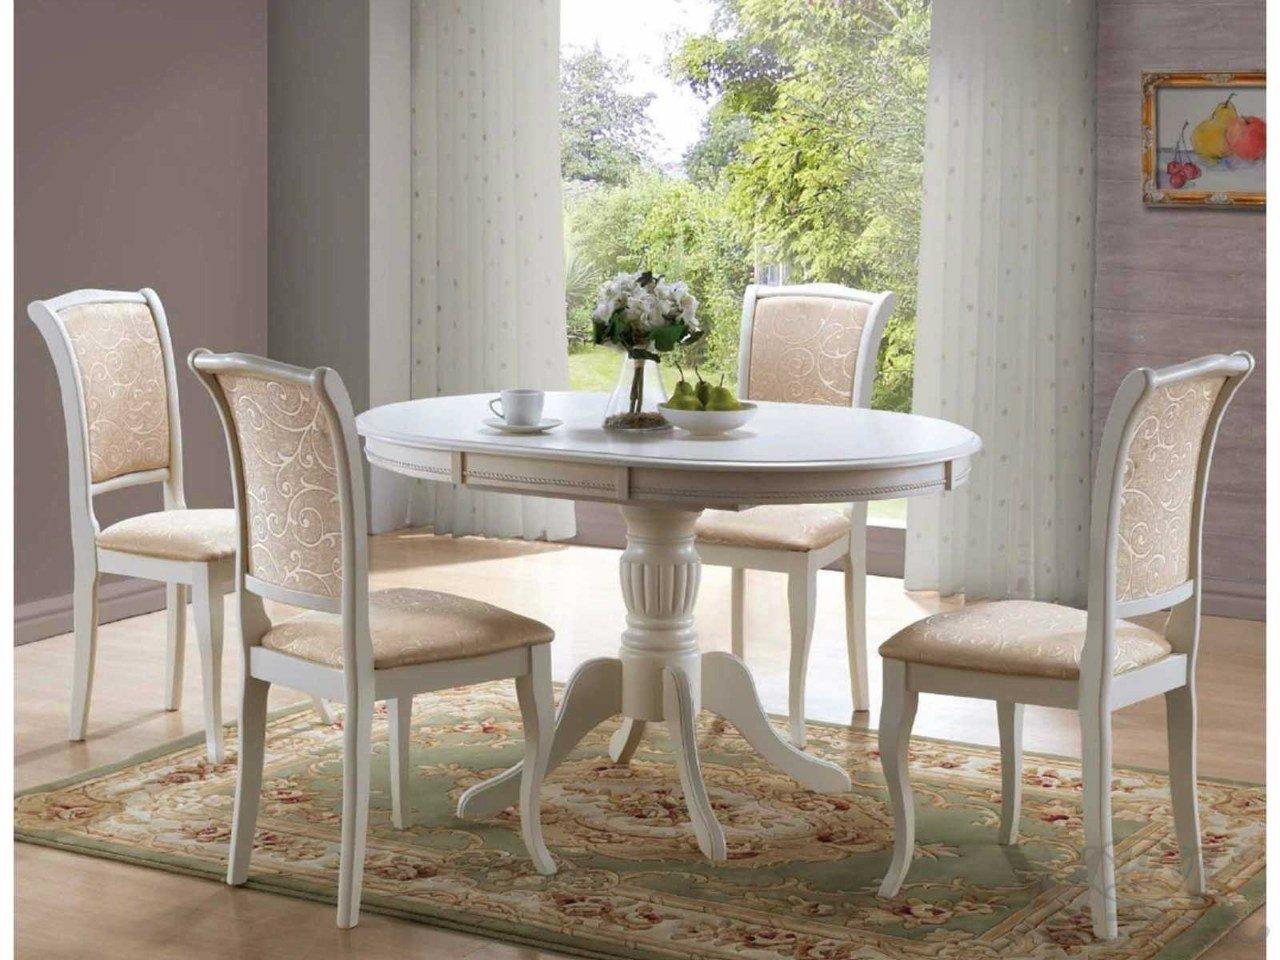 Тот самый, о котором мечталось. Салон «Просто Мебель» приглашает выбрать обеденный стол к Новому году, фото-11